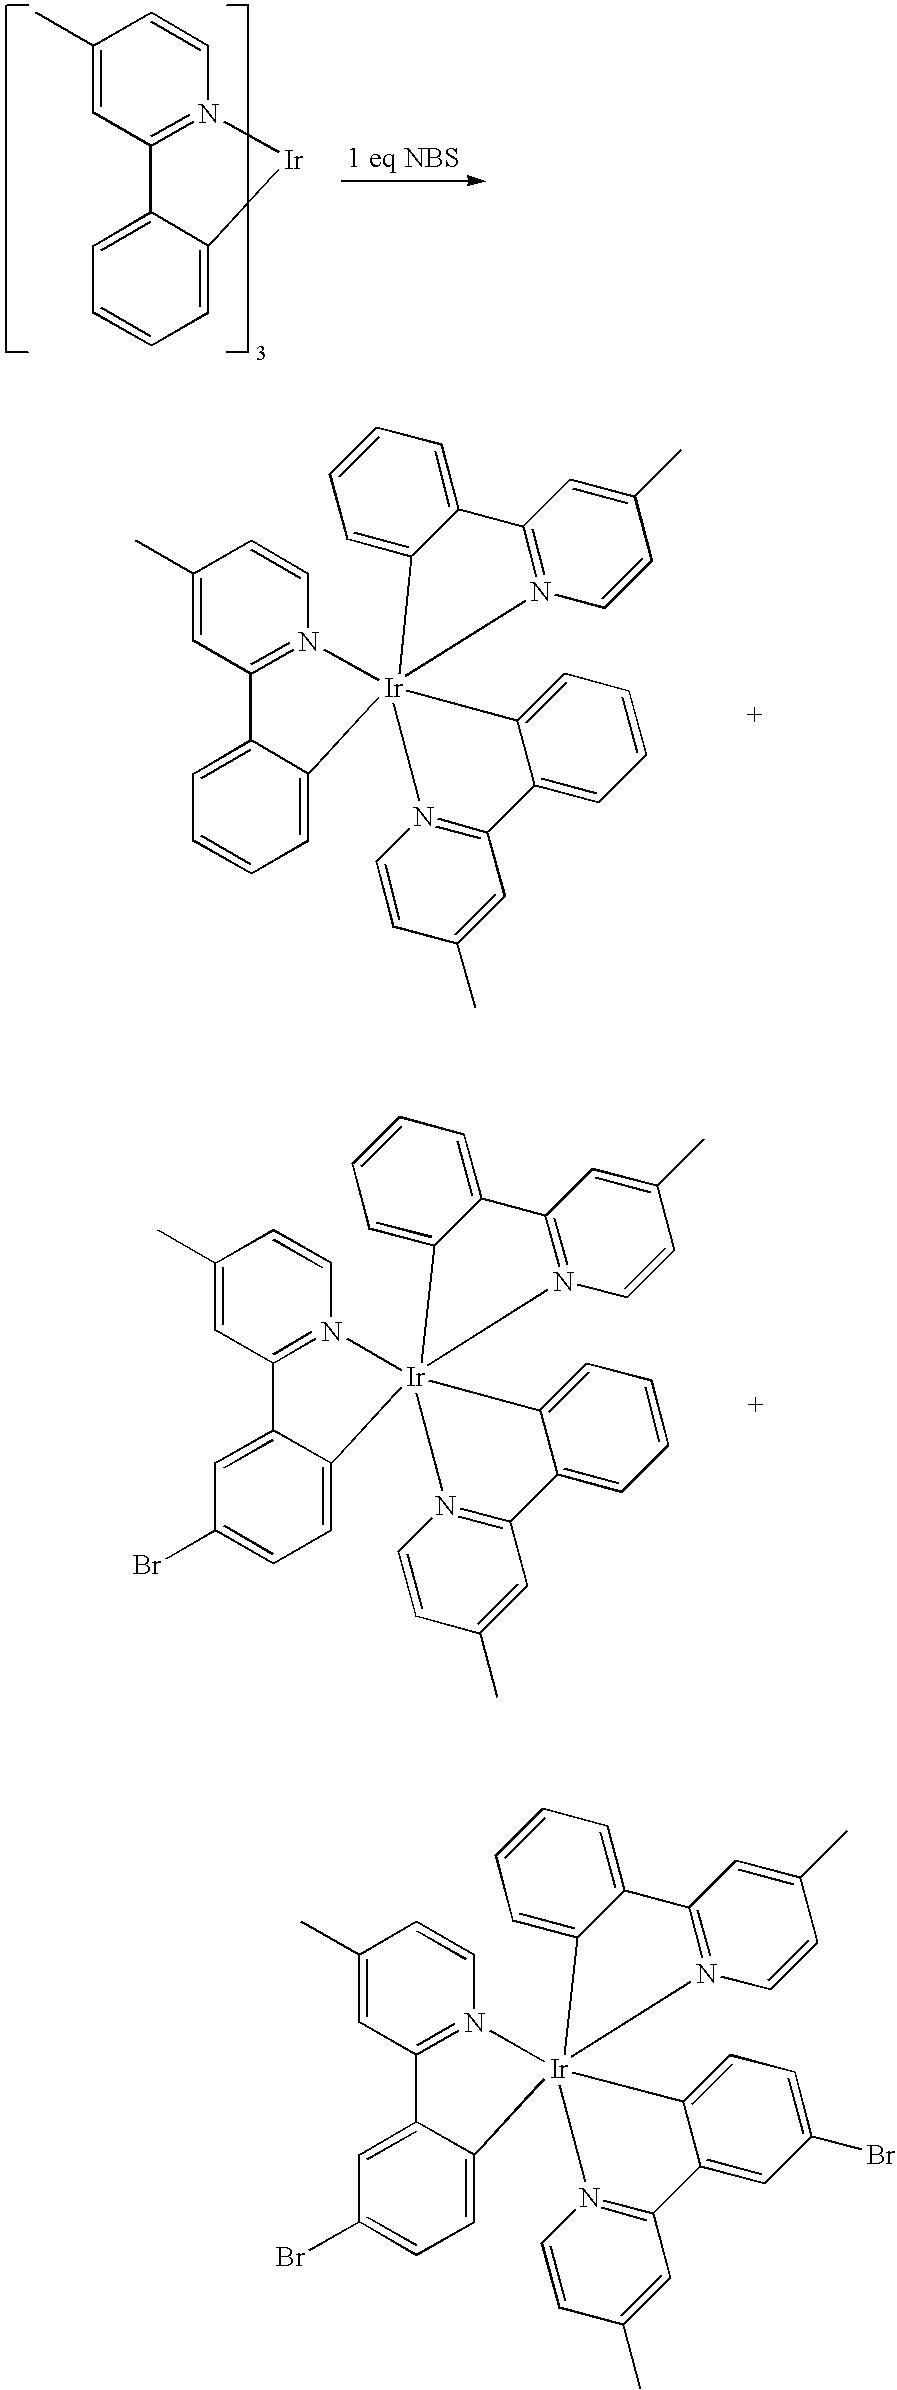 Figure US20090108737A1-20090430-C00049